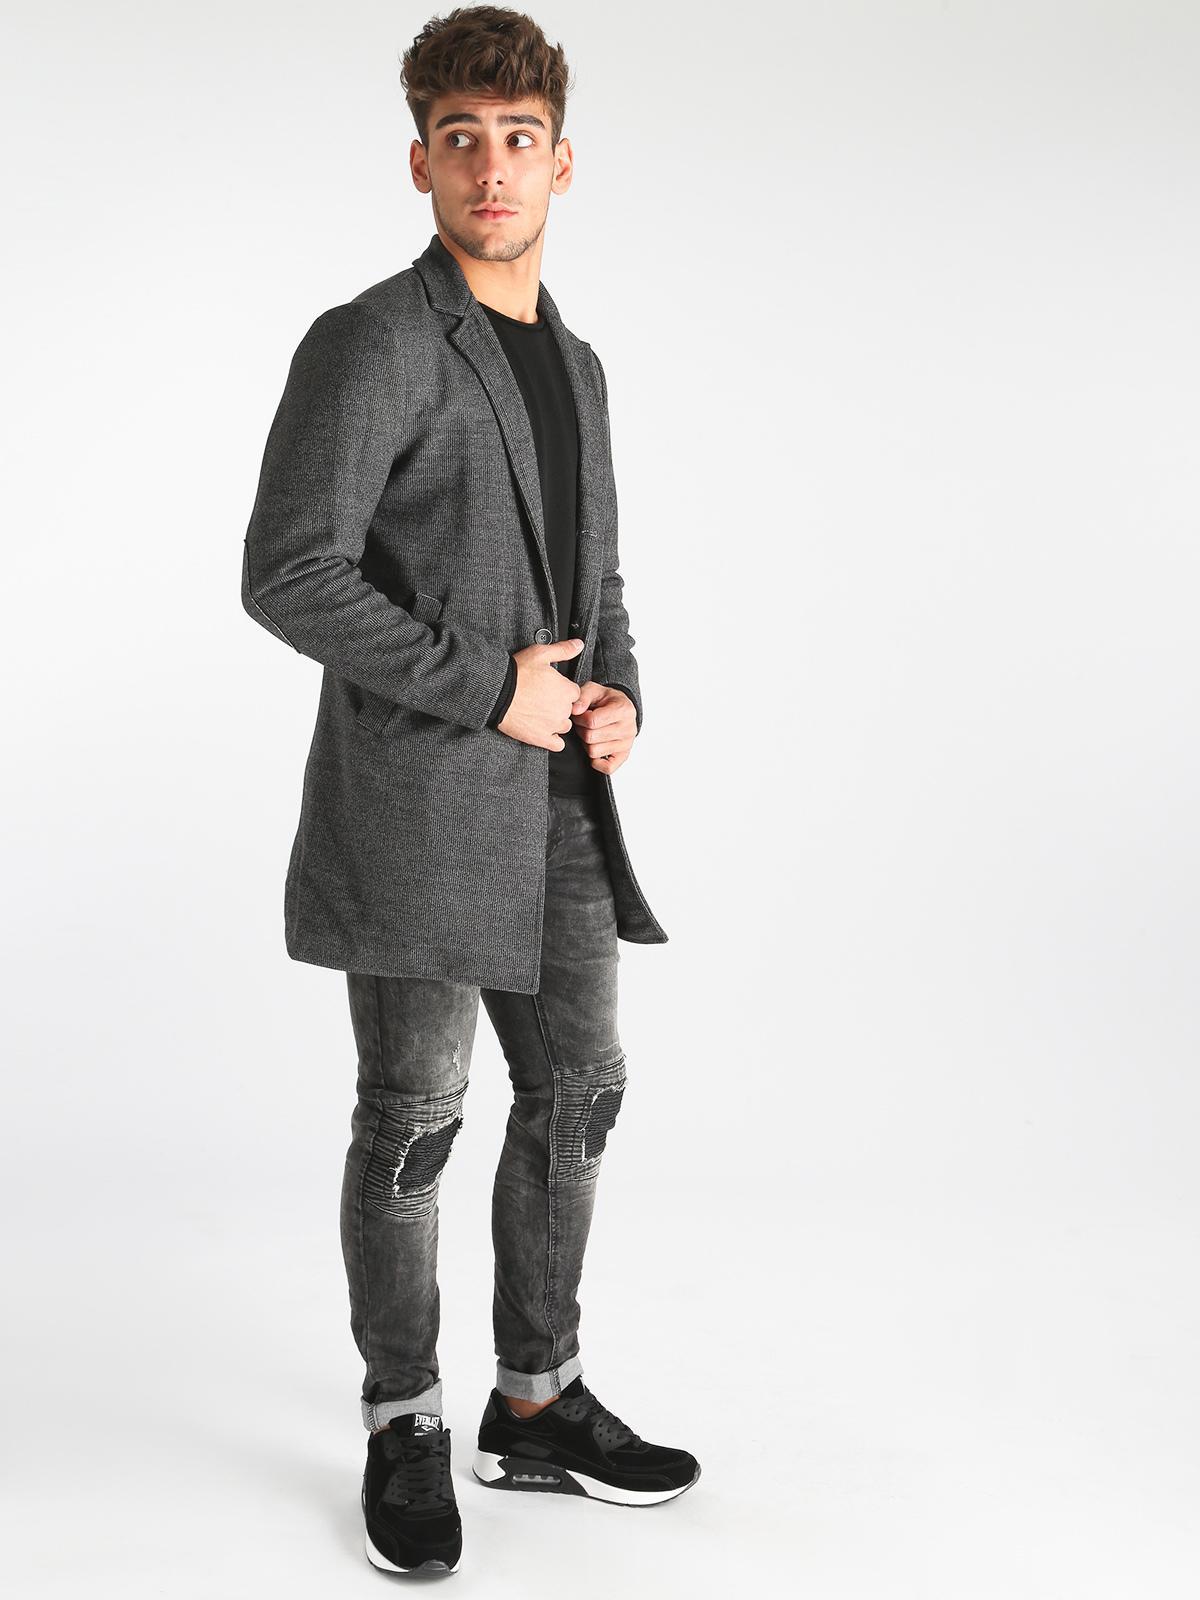 big sale 24dea 4980f Cappotto uomo con bottoni ange wear | MecShopping